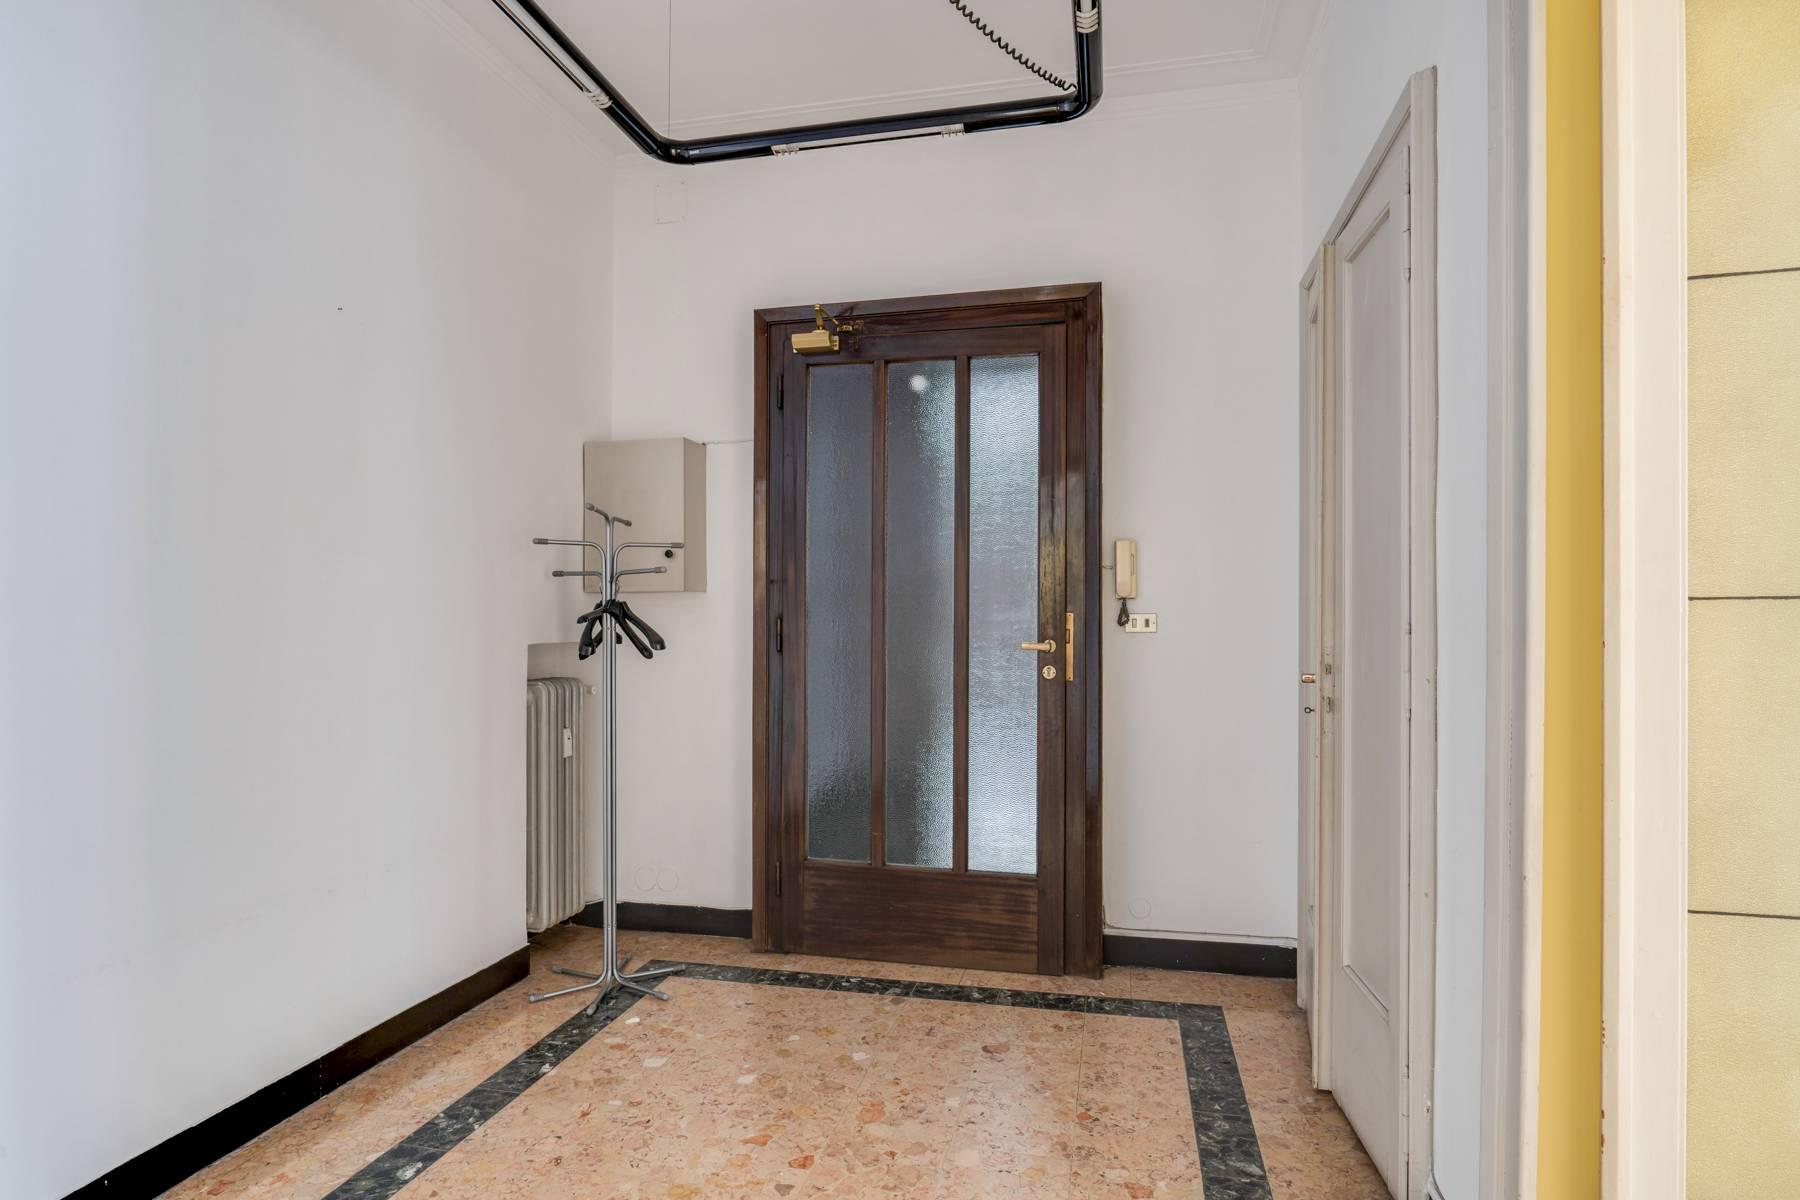 Ufficio-studio in Vendita a Torino: 3 locali, 140 mq - Foto 7